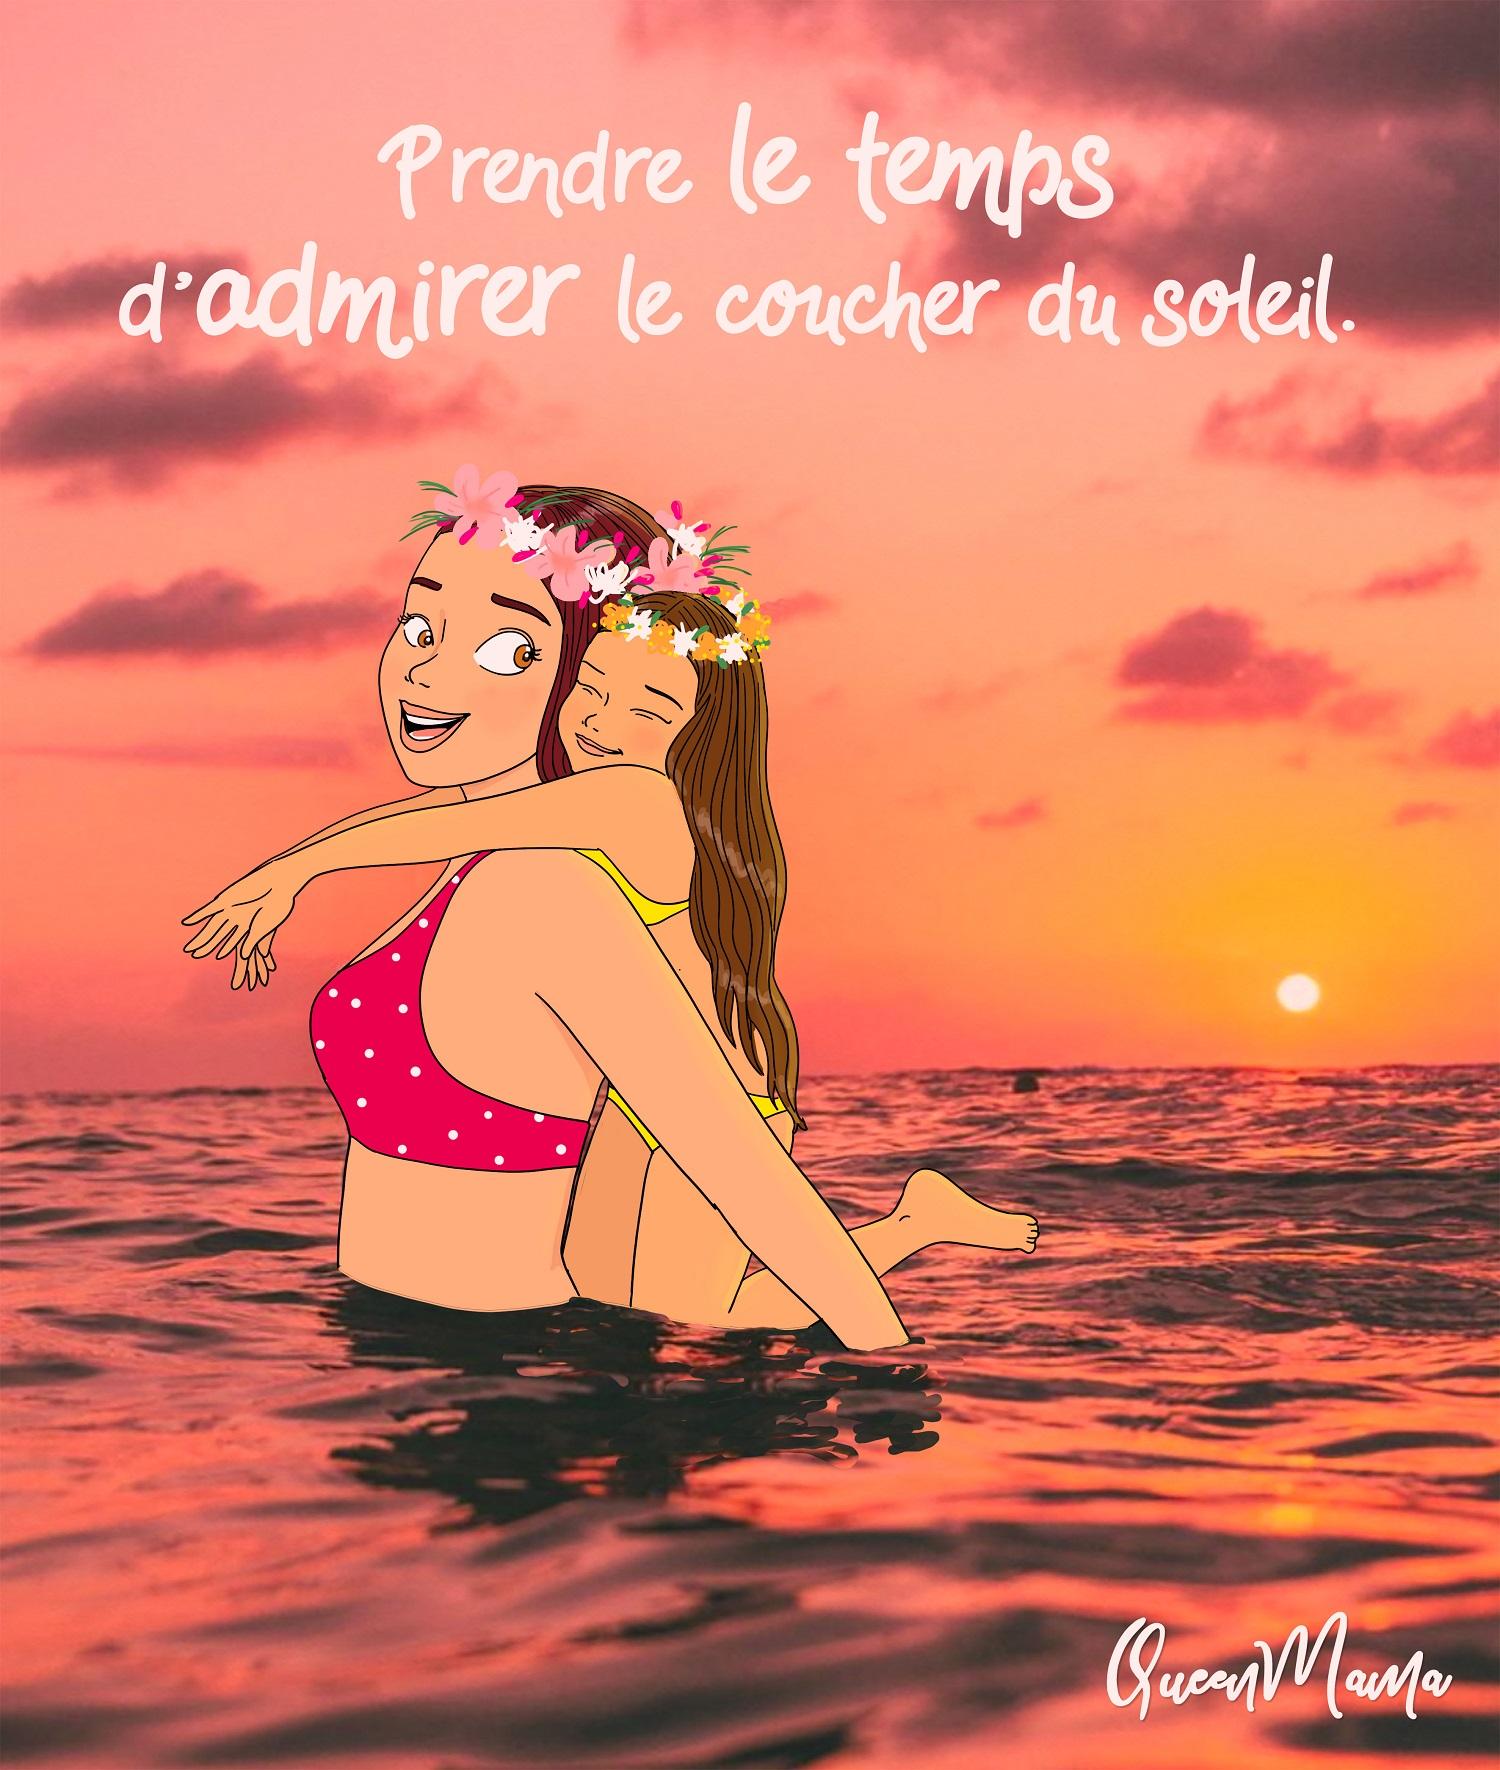 Maman et fille se baignent dans la mer face au coucher du soleil illustratrice queenmama rouen paris nature environnement été mer plage